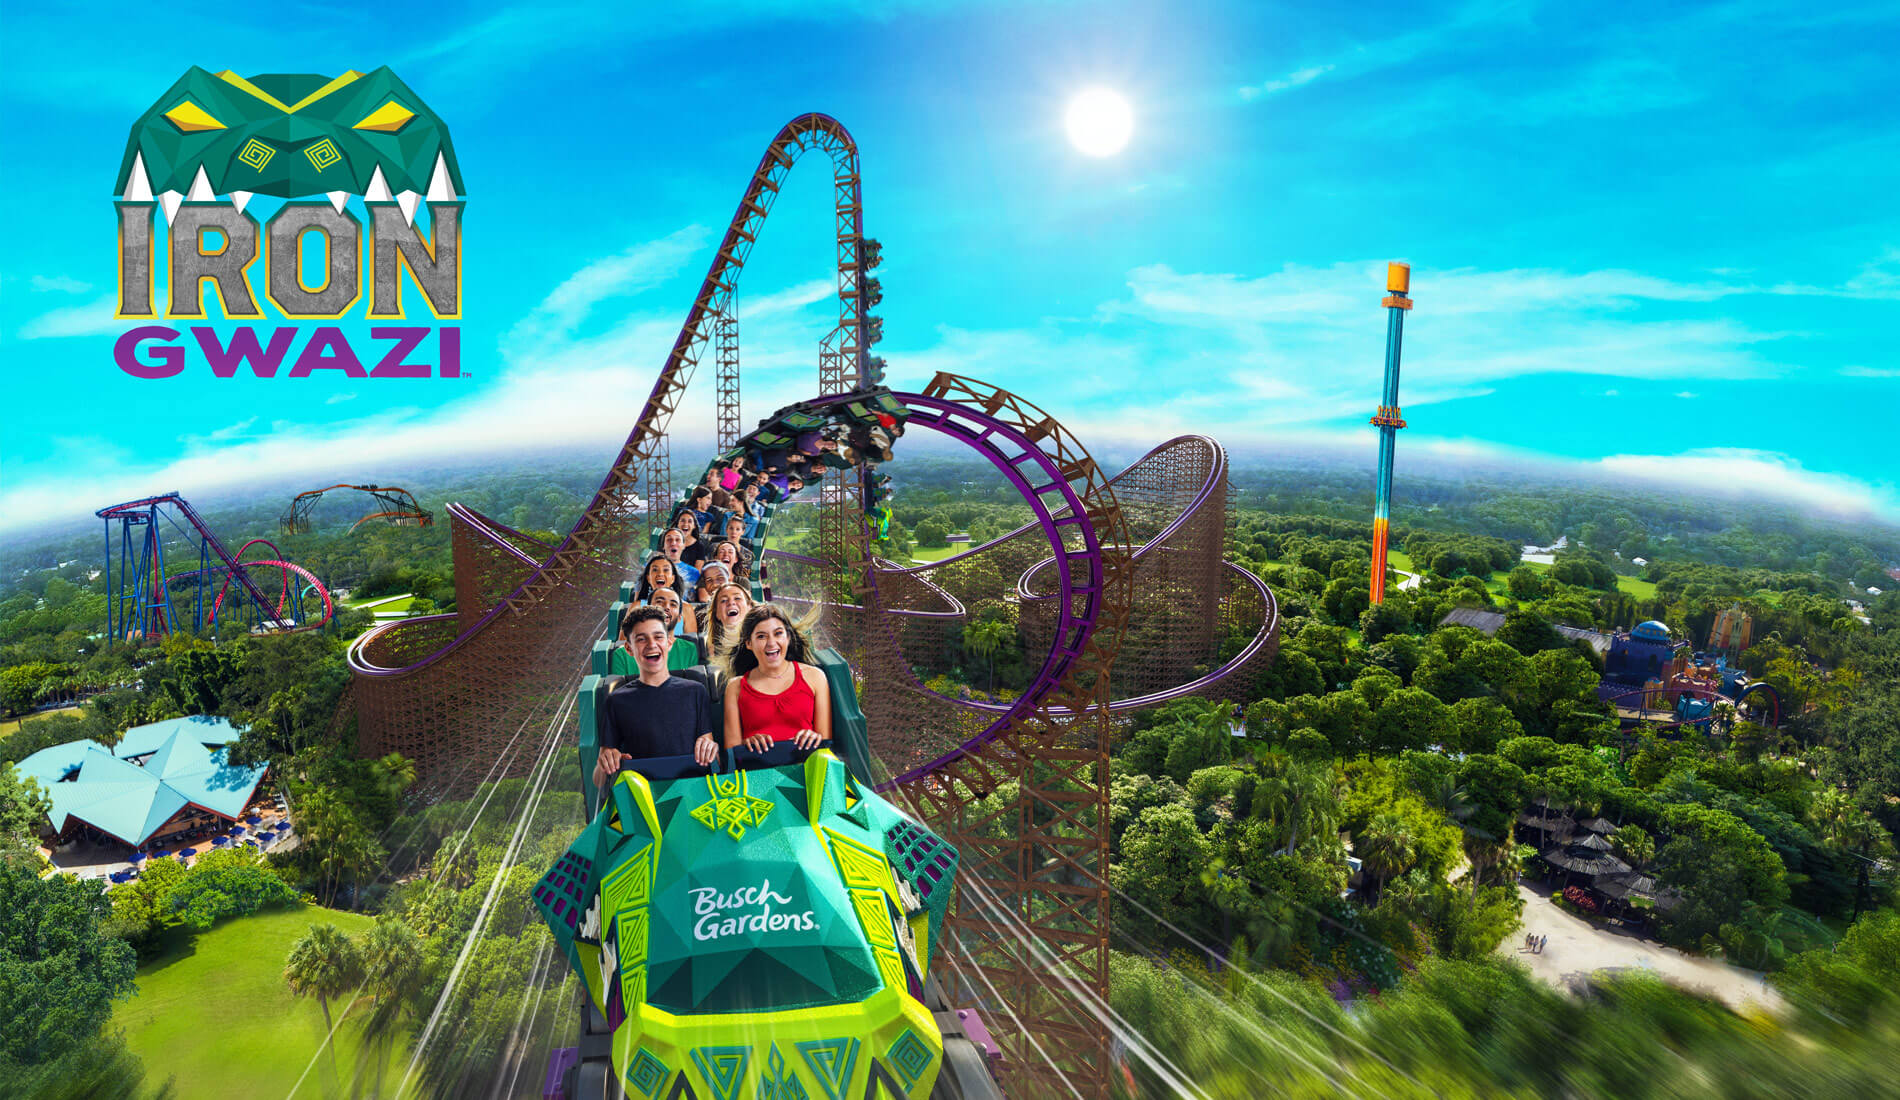 2020_BuschGardensTampaBay_Rides_IronGwazi_1900x1100